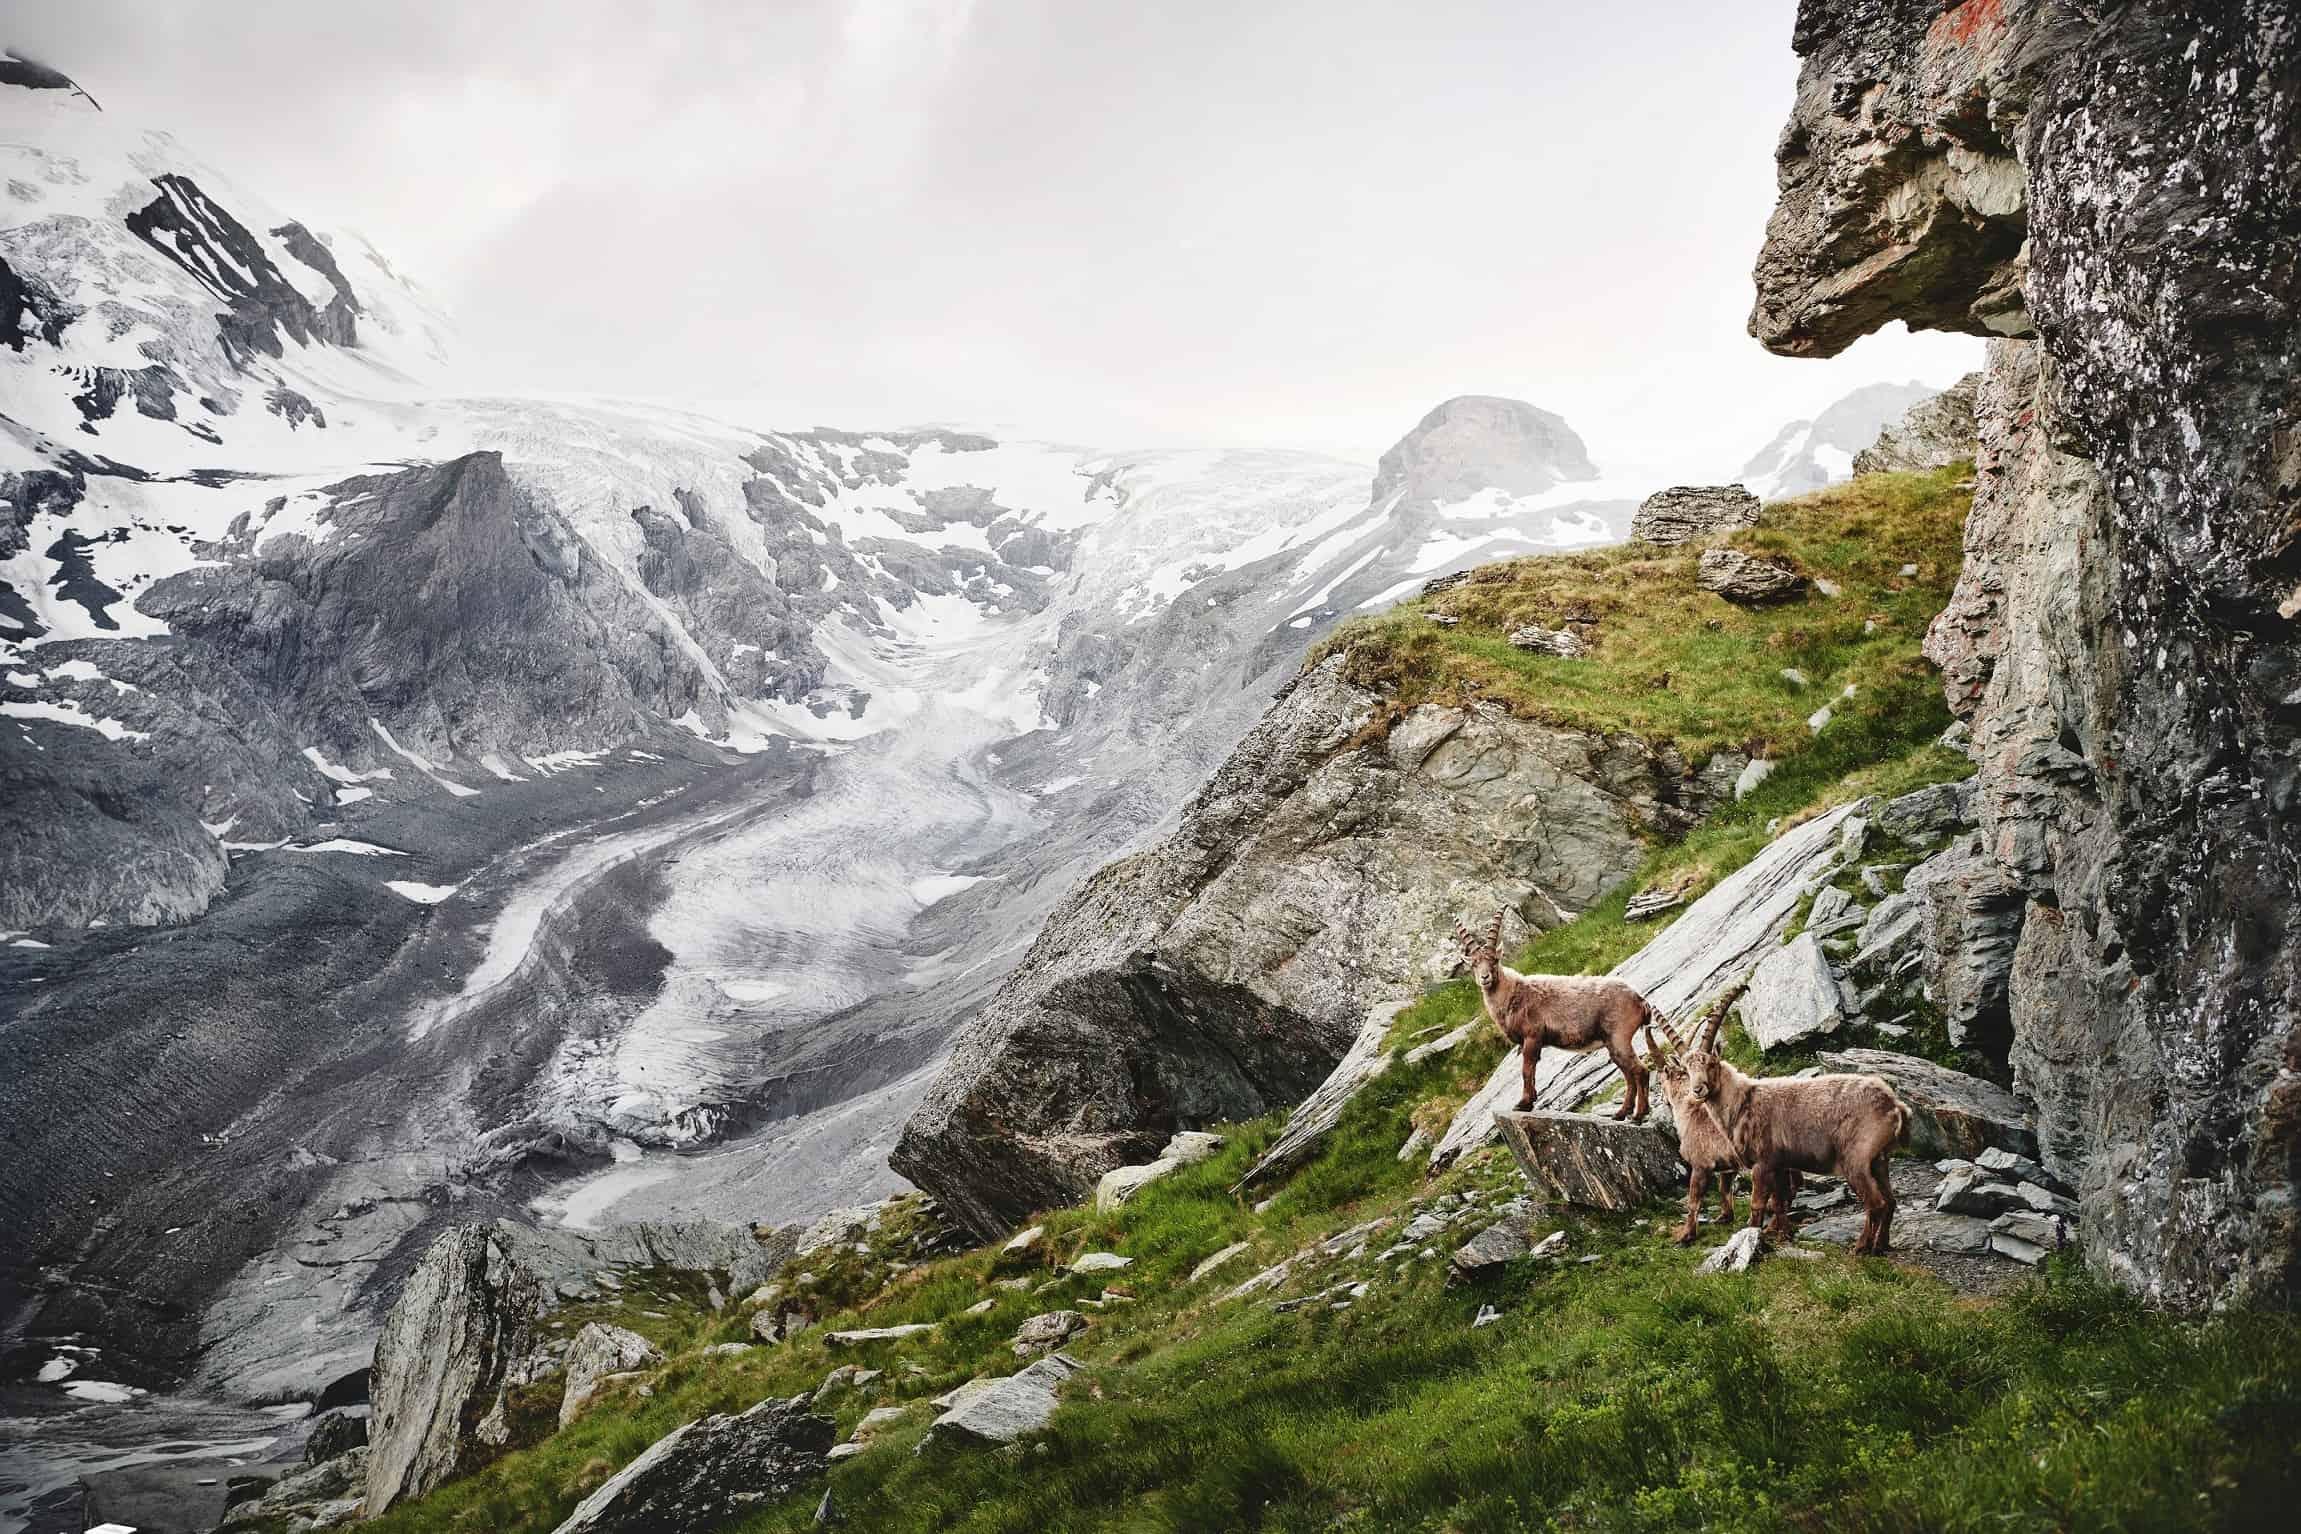 Tiere auf der Großglockner Hochalpenstraße - Steinböcke bei Familienwanderung im Nationalpark